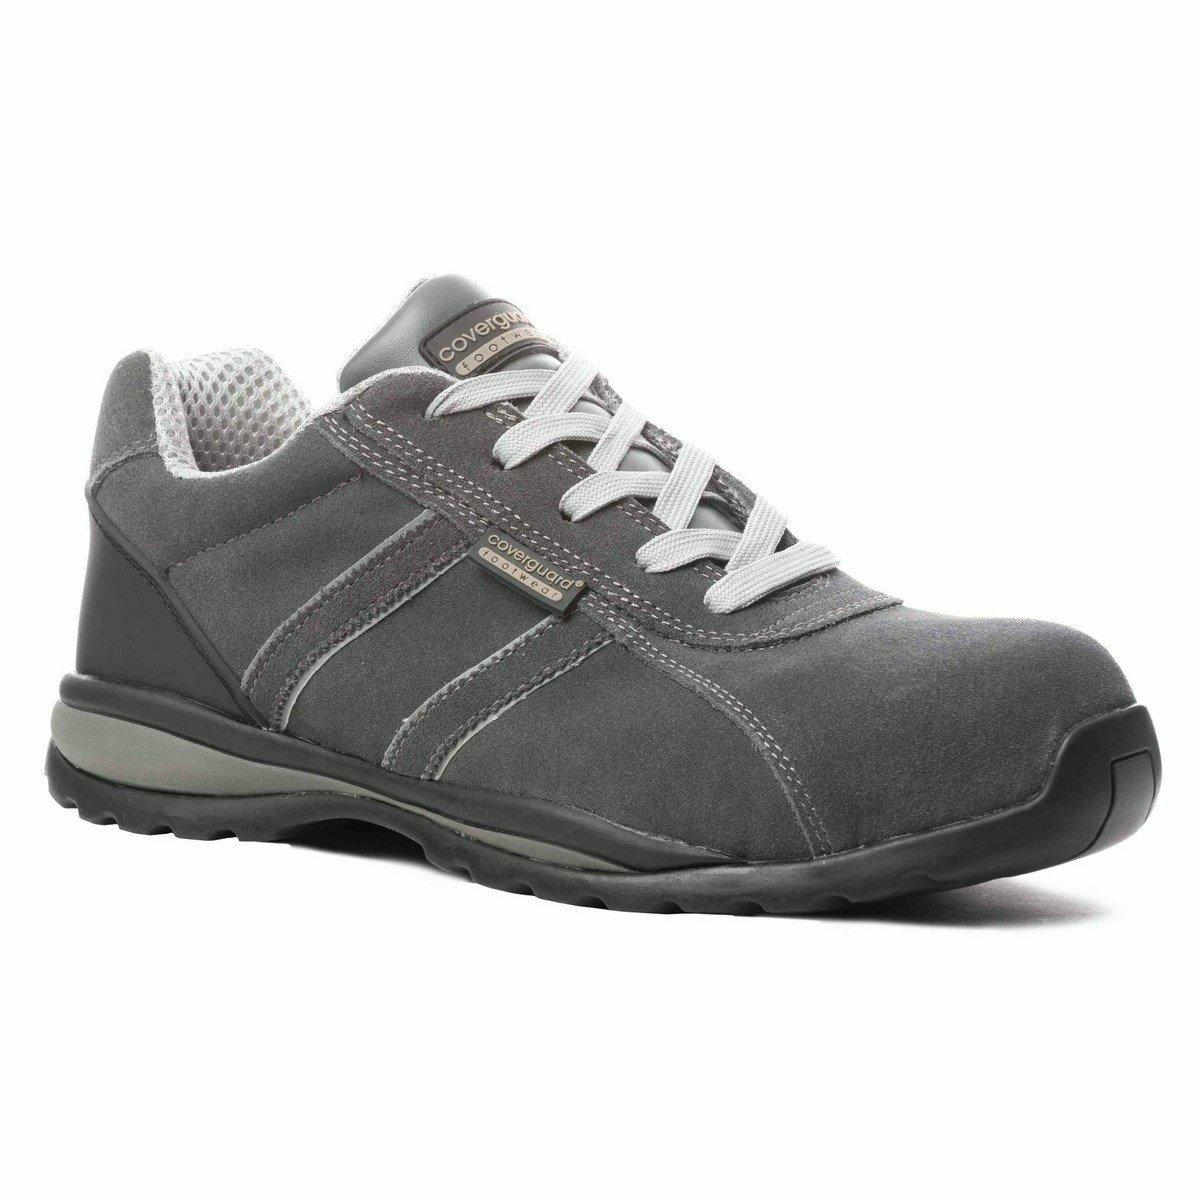 ANKERITE (S1P HRO CK) fémmentes velúrbőr cipő, 300°C-ig hőálló